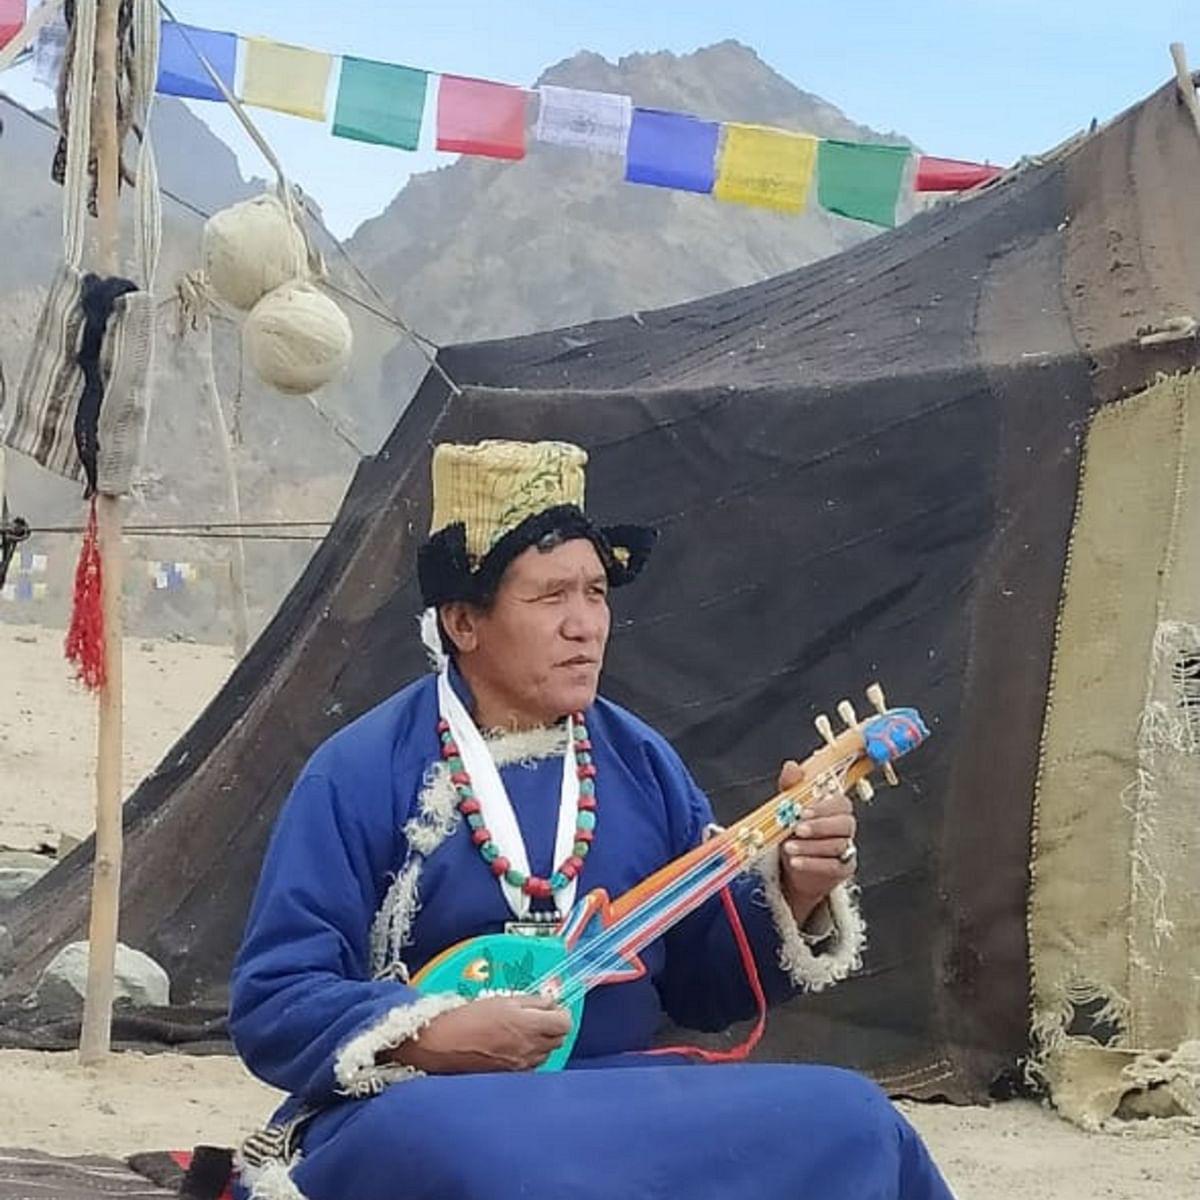 Tsering Angchuk